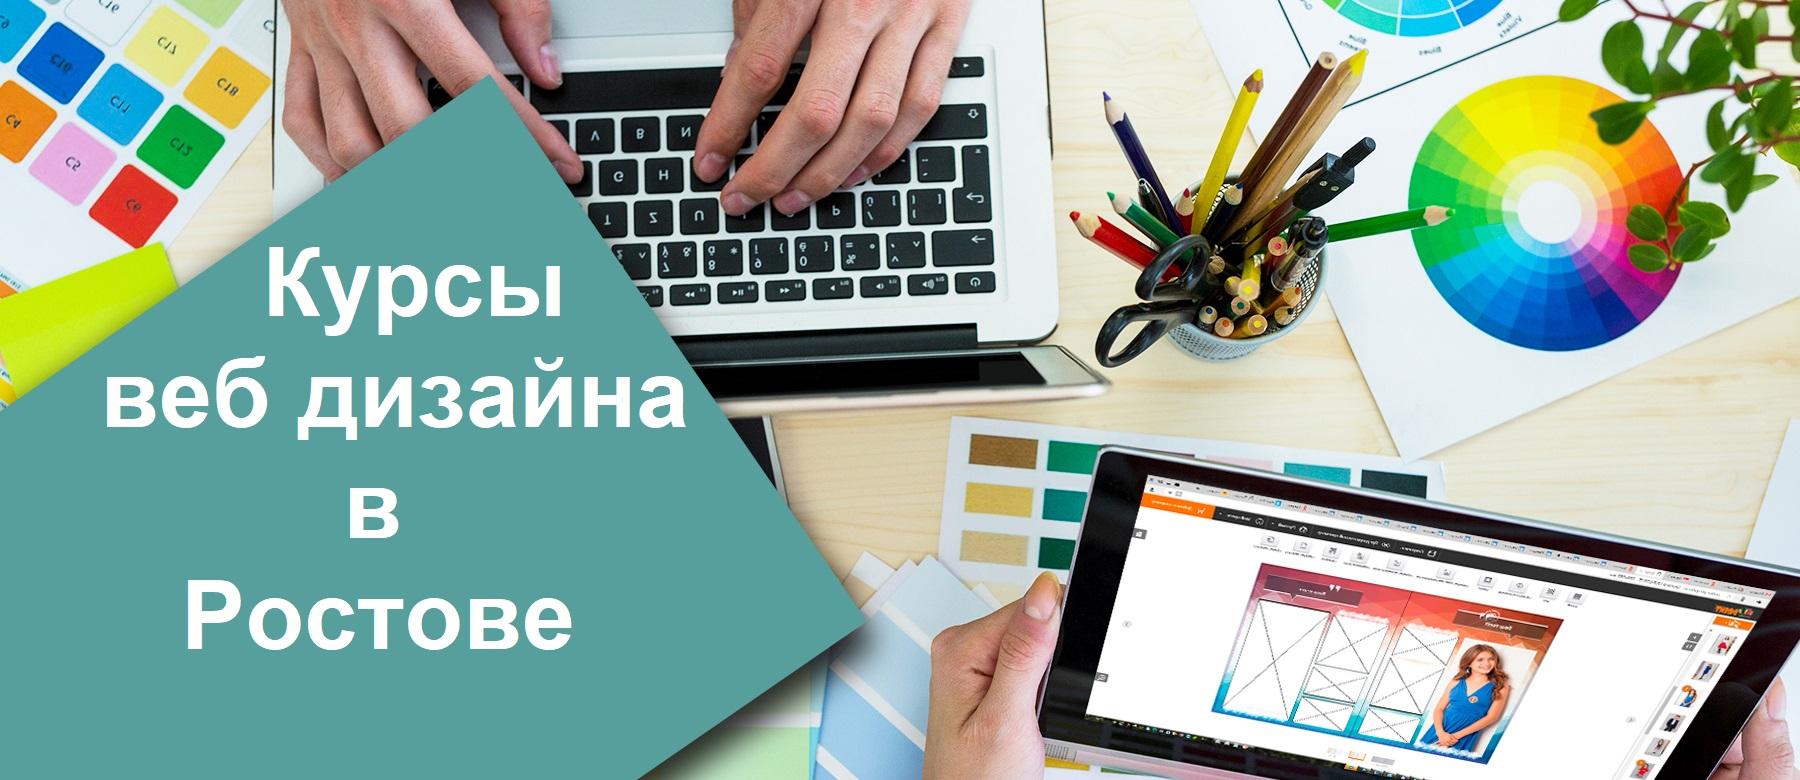 Курсы веб дизайна в Ростове